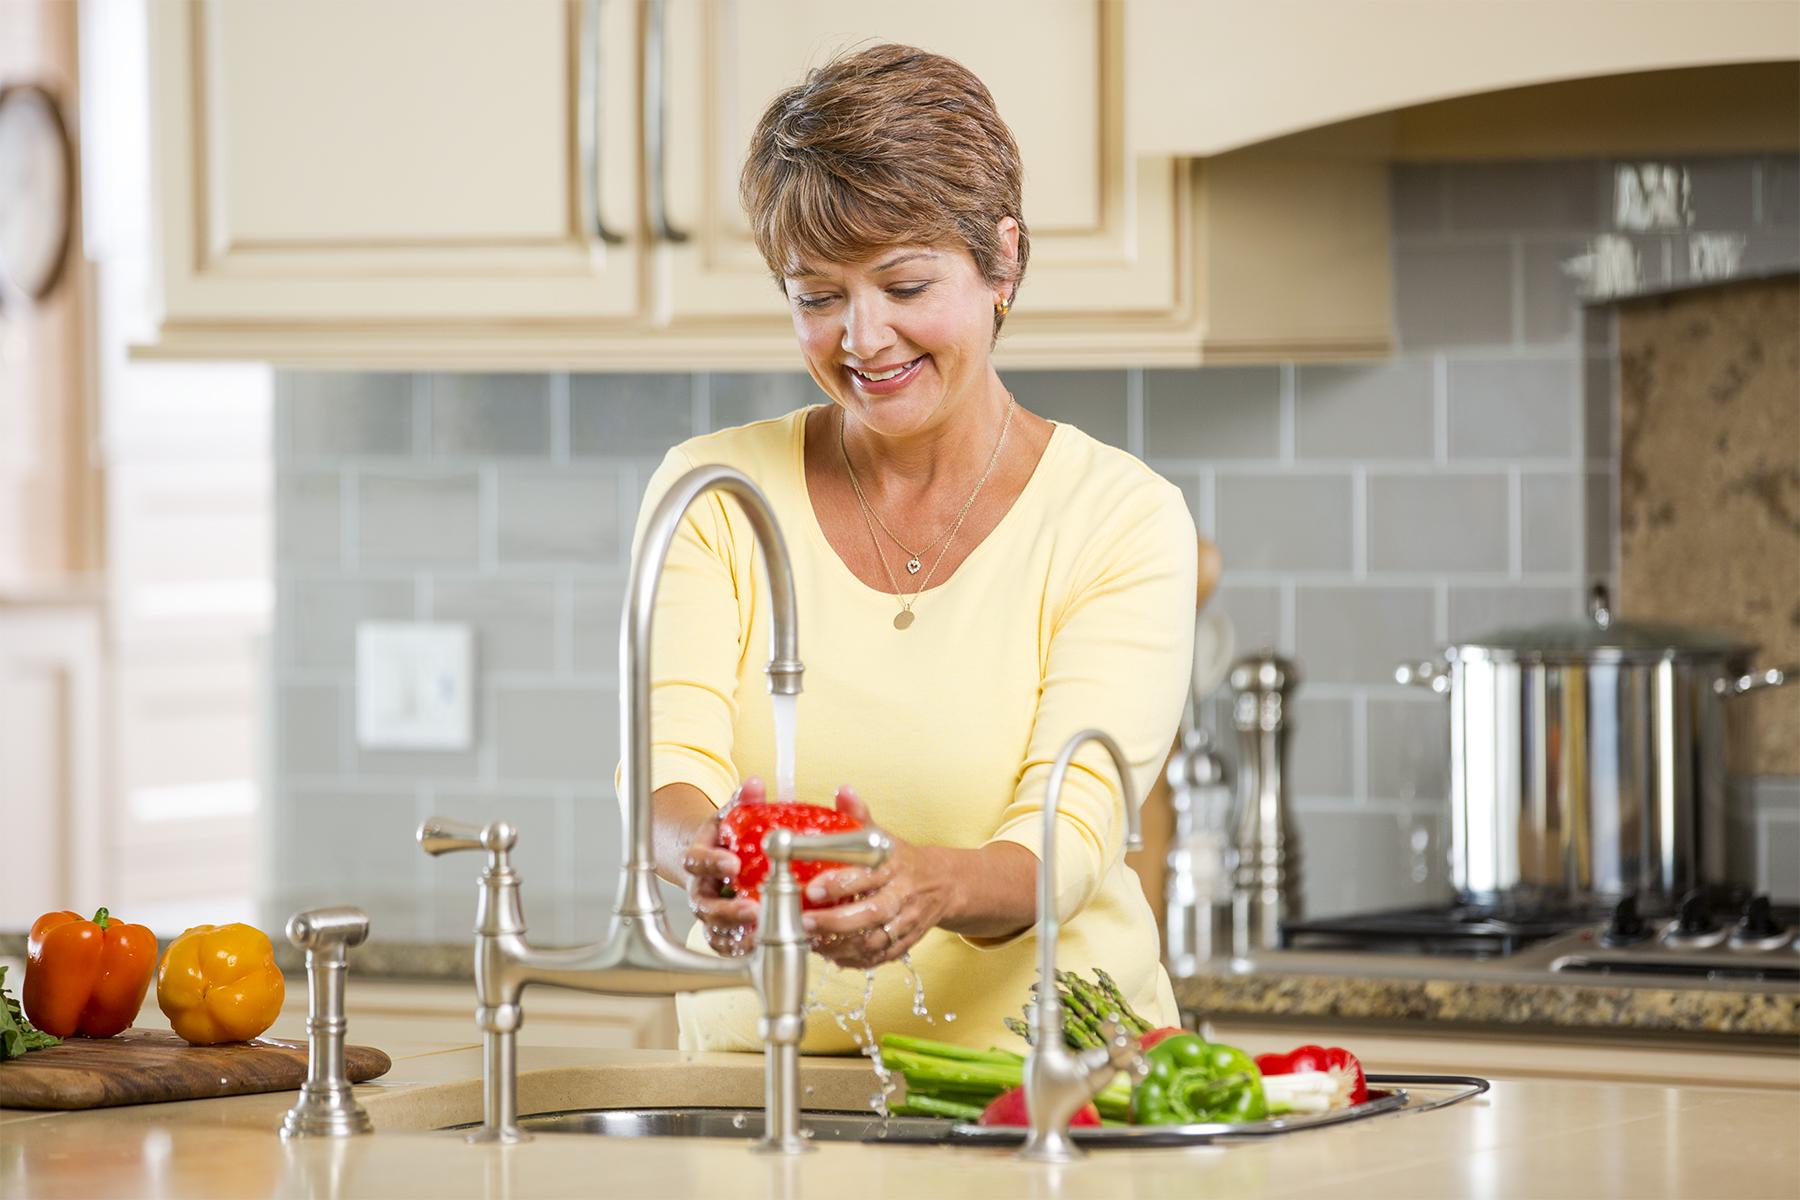 Woman-Washing-Veggies-46_r1.jpg